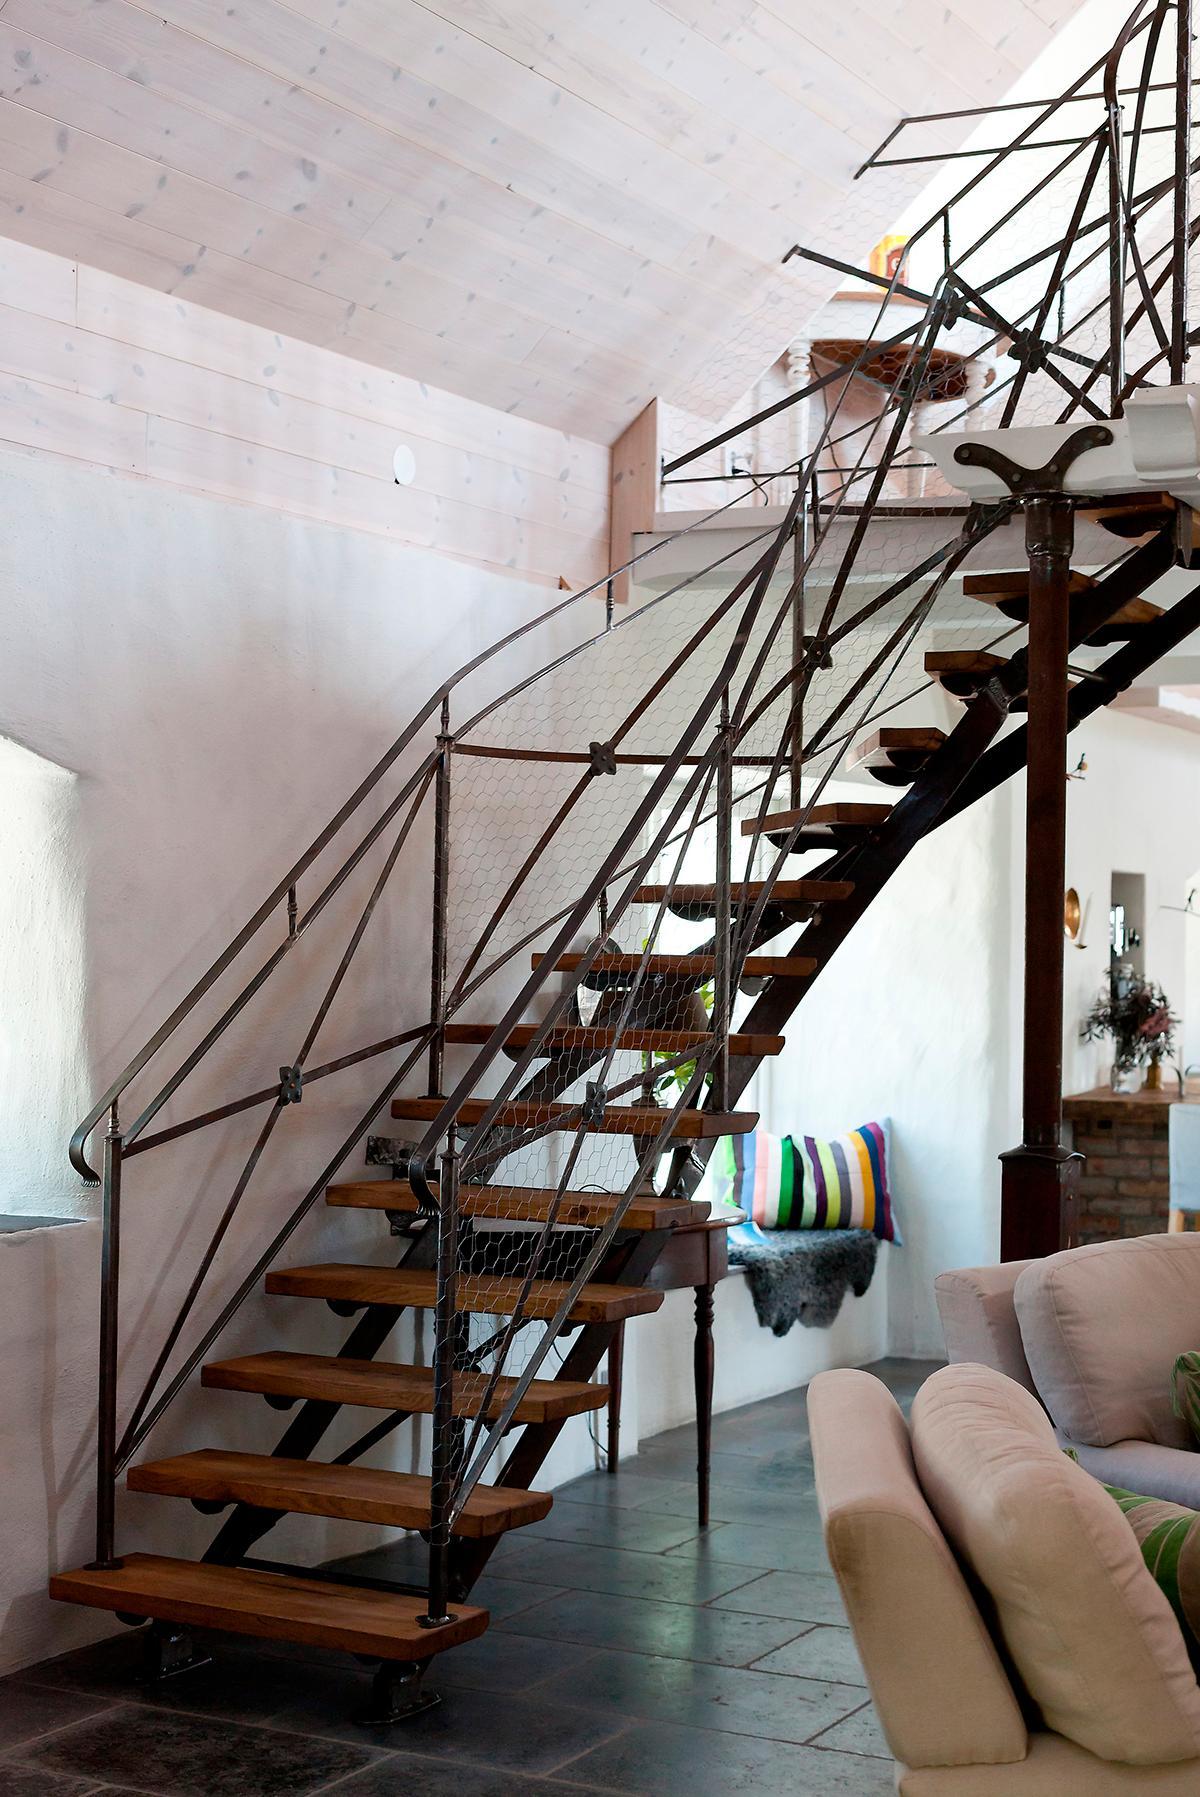 Trappan som är som en skulptur i det stora rummet är tillverkad av en lokal smed.